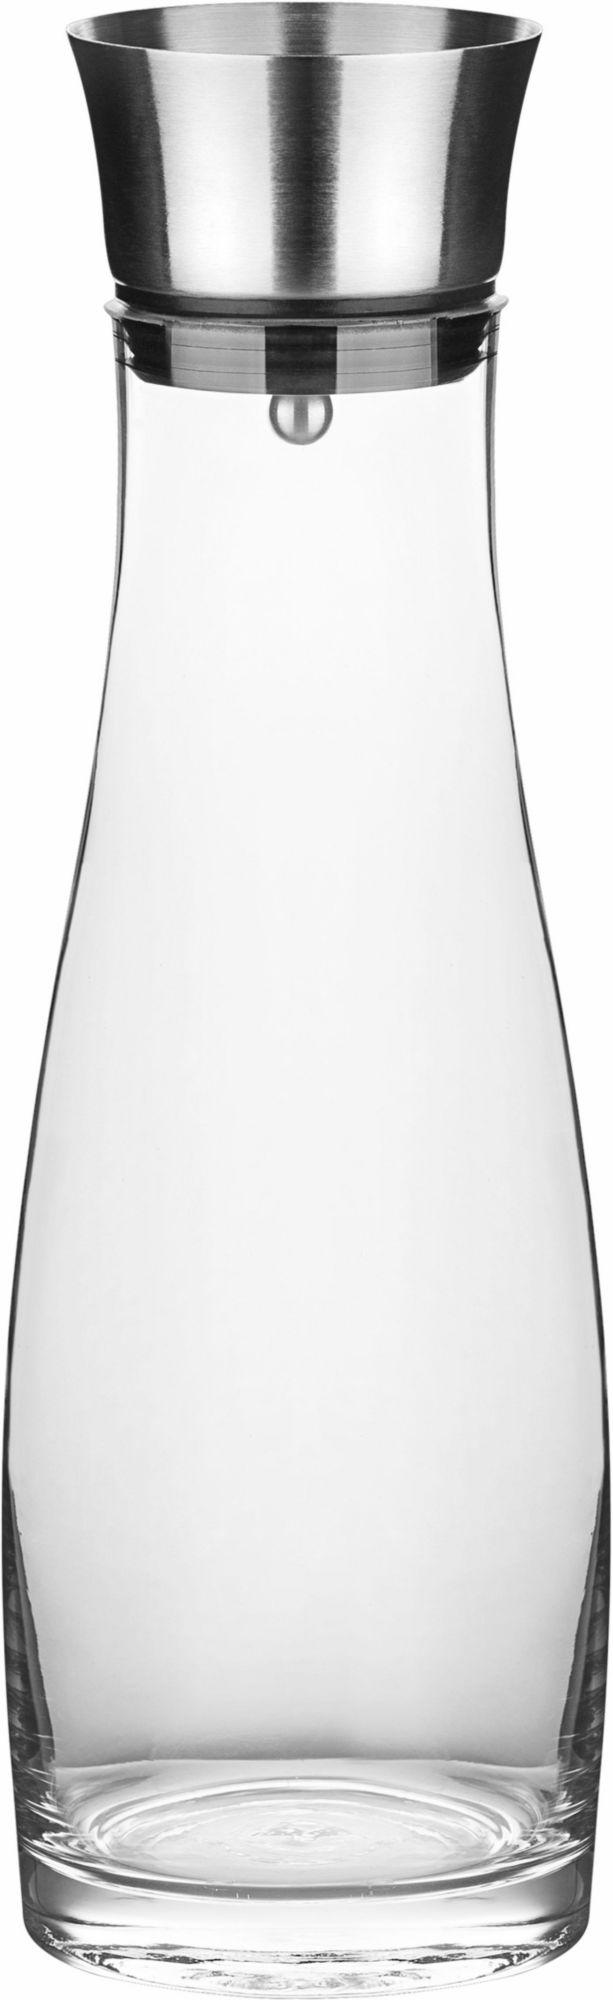 CHG  Glaskaraffe mit Edelstahl-Ausgießer, Inhalt 1,1 l